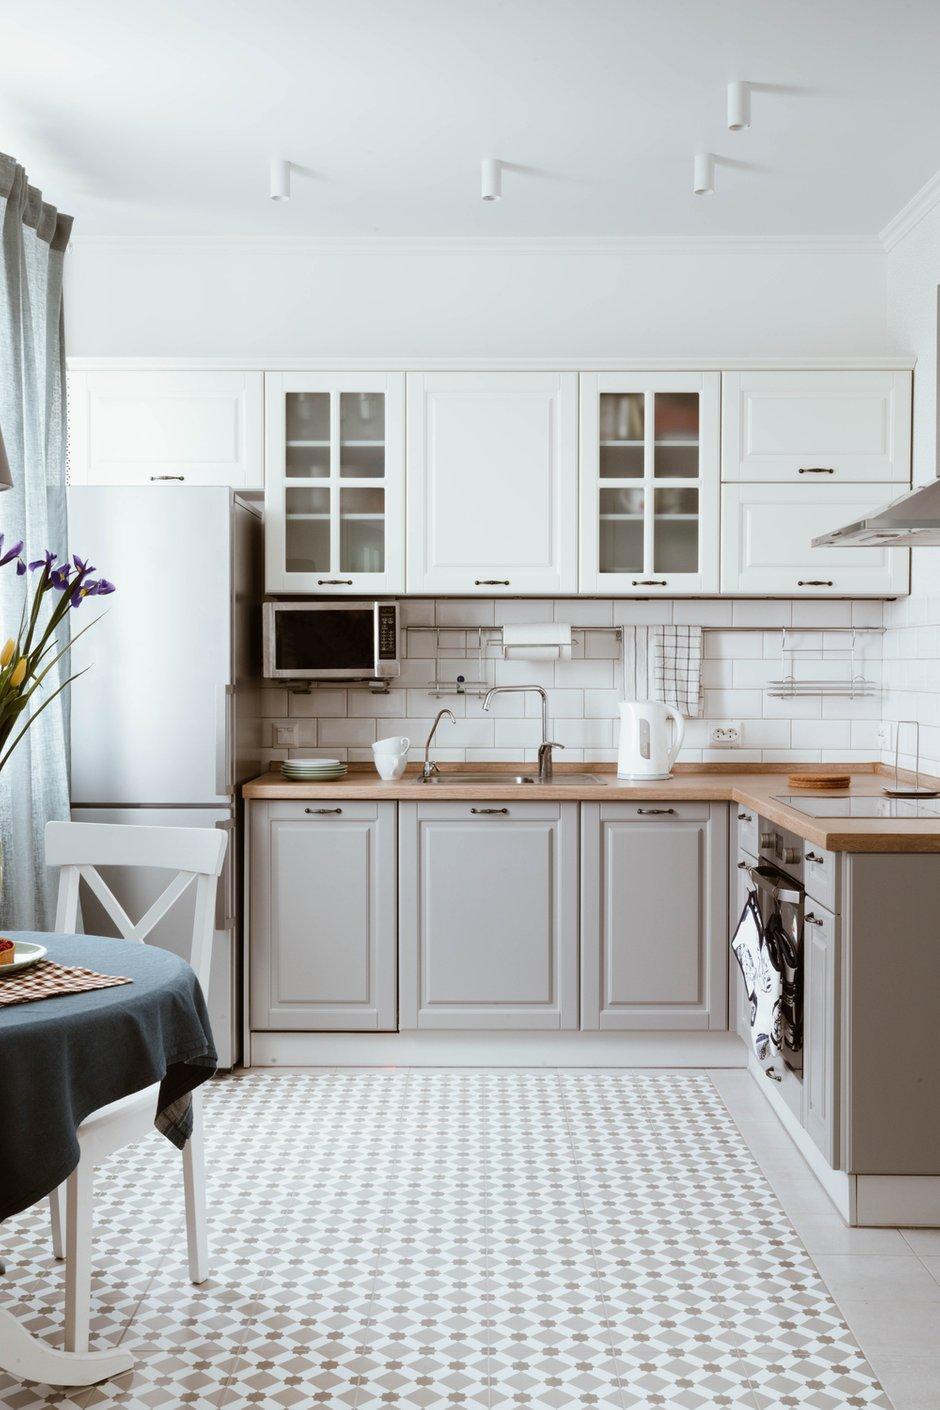 Несмотря на то, что размеры кухонных шкафов спроектировали стандартные, кухню делали на заказ, производство находится в Санкт-Петербурге. Фасады — эмаль двух цветов. Два верхних шкафчика с расстекловкой повторяют распашные двери в комнату.